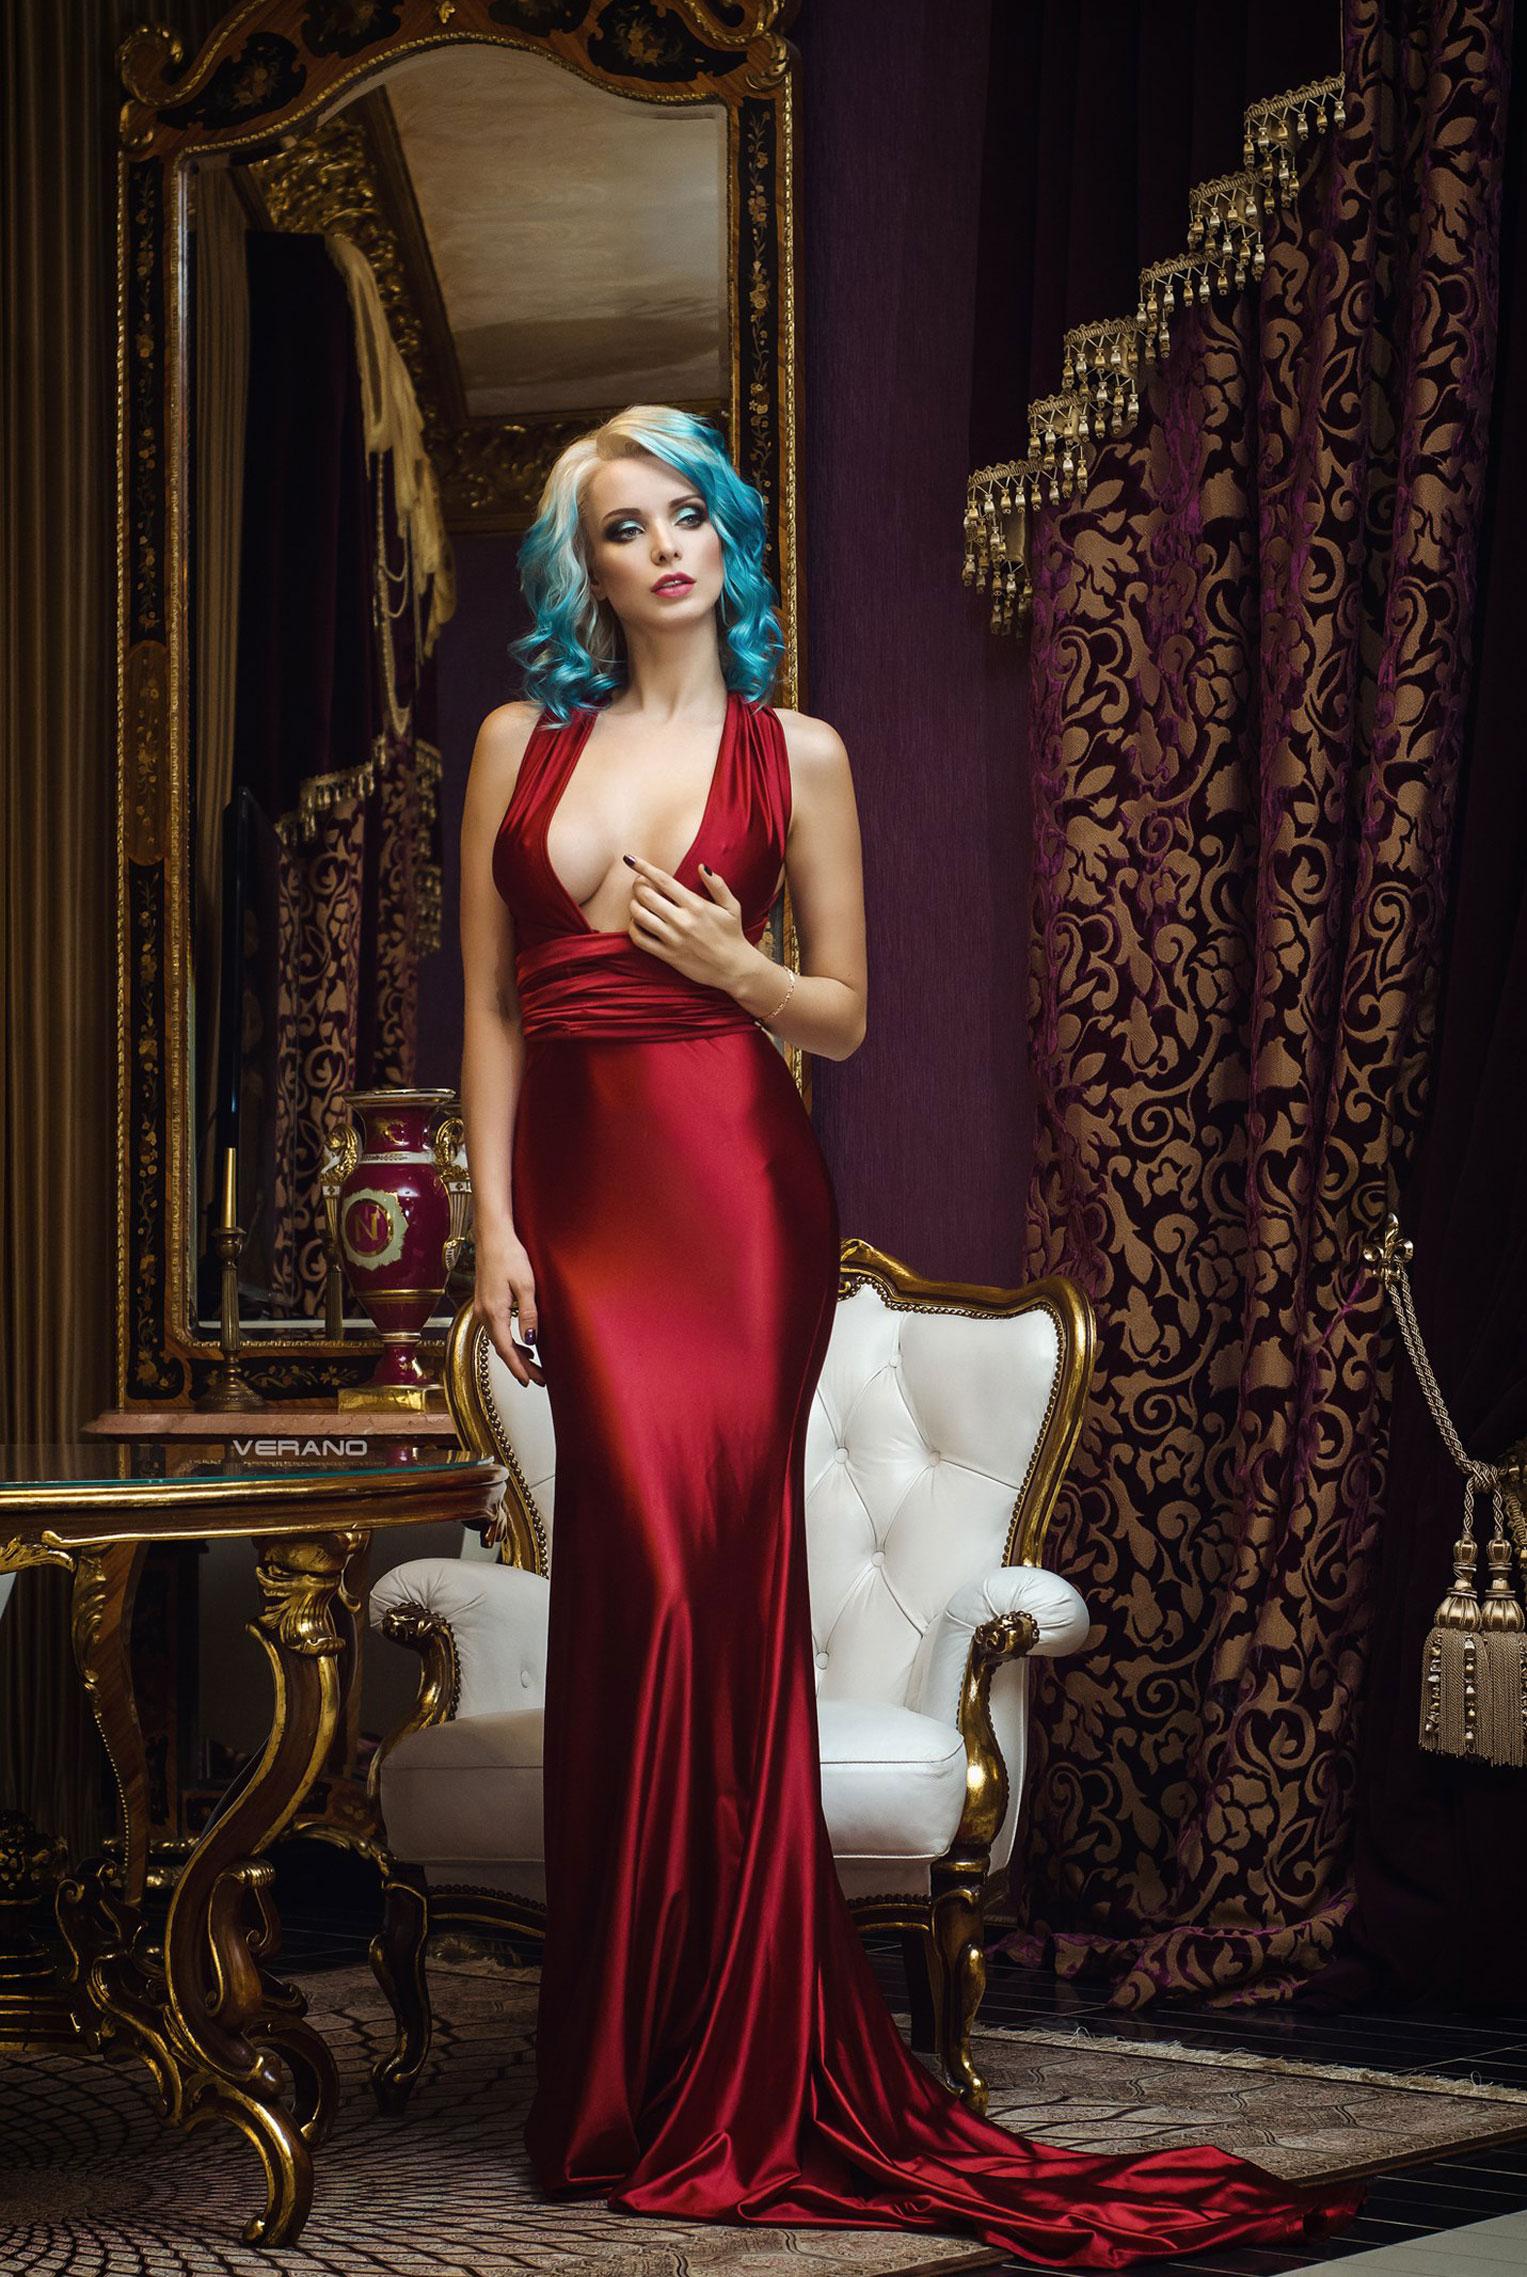 синеволосая Екатерина Енокаева в красном платье с белой собачкой / фото 02